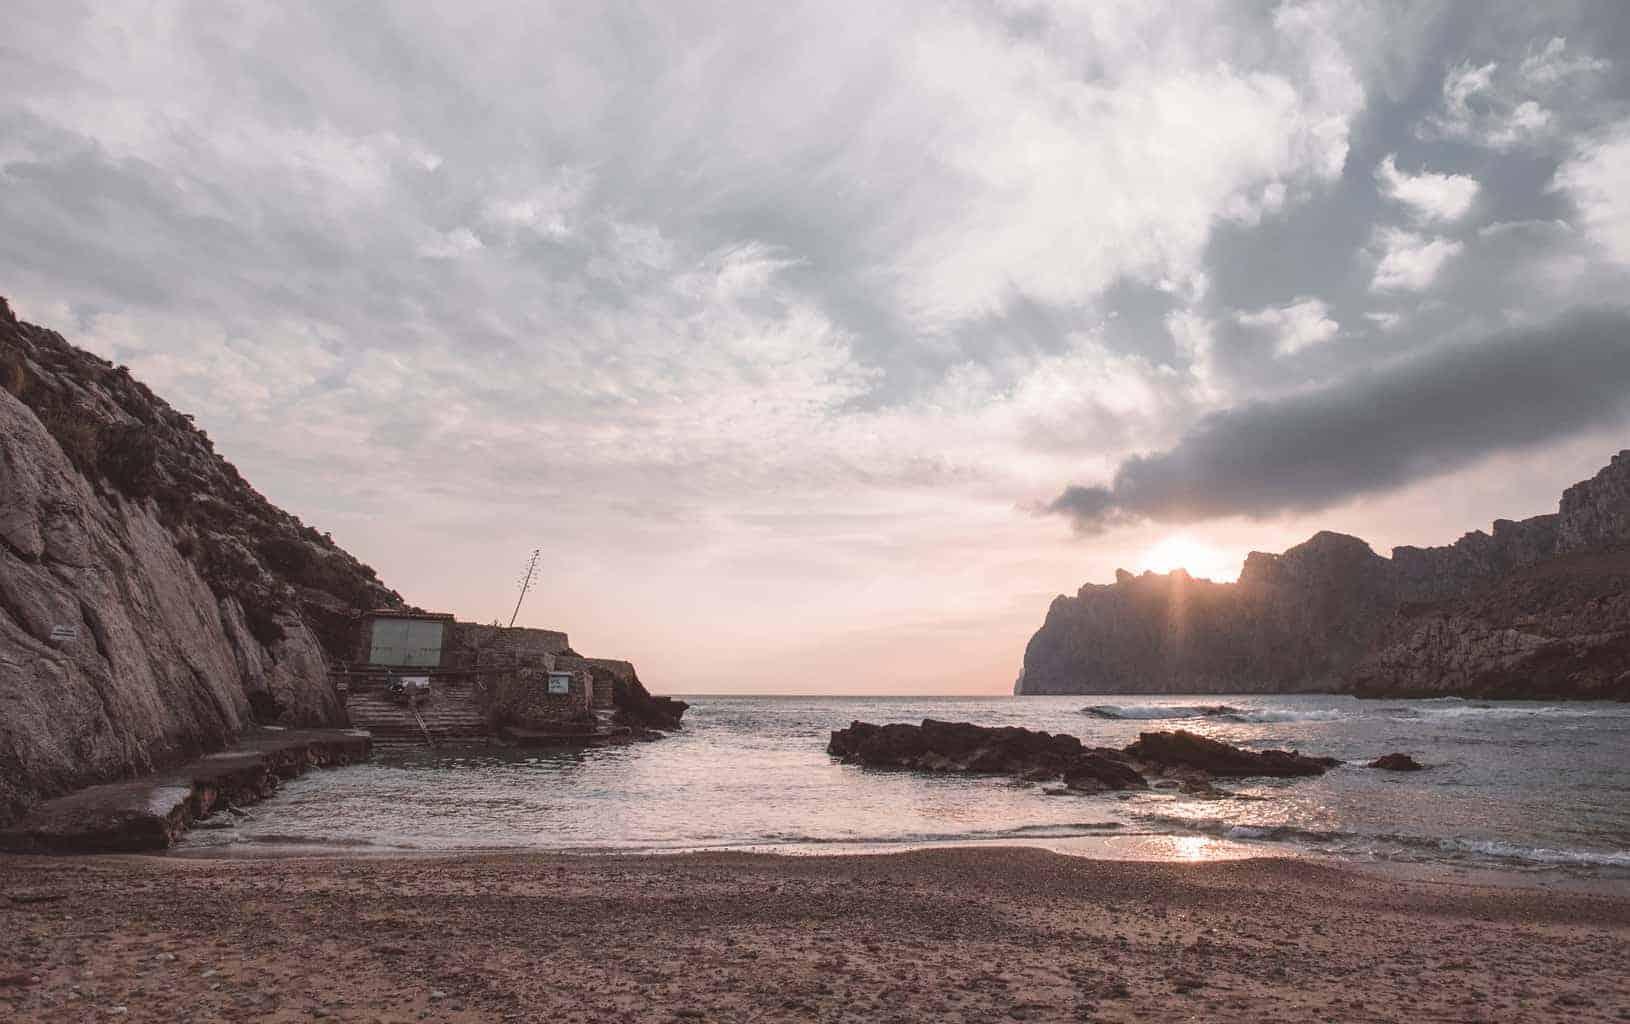 Cala Vincenc beach in Mallorca